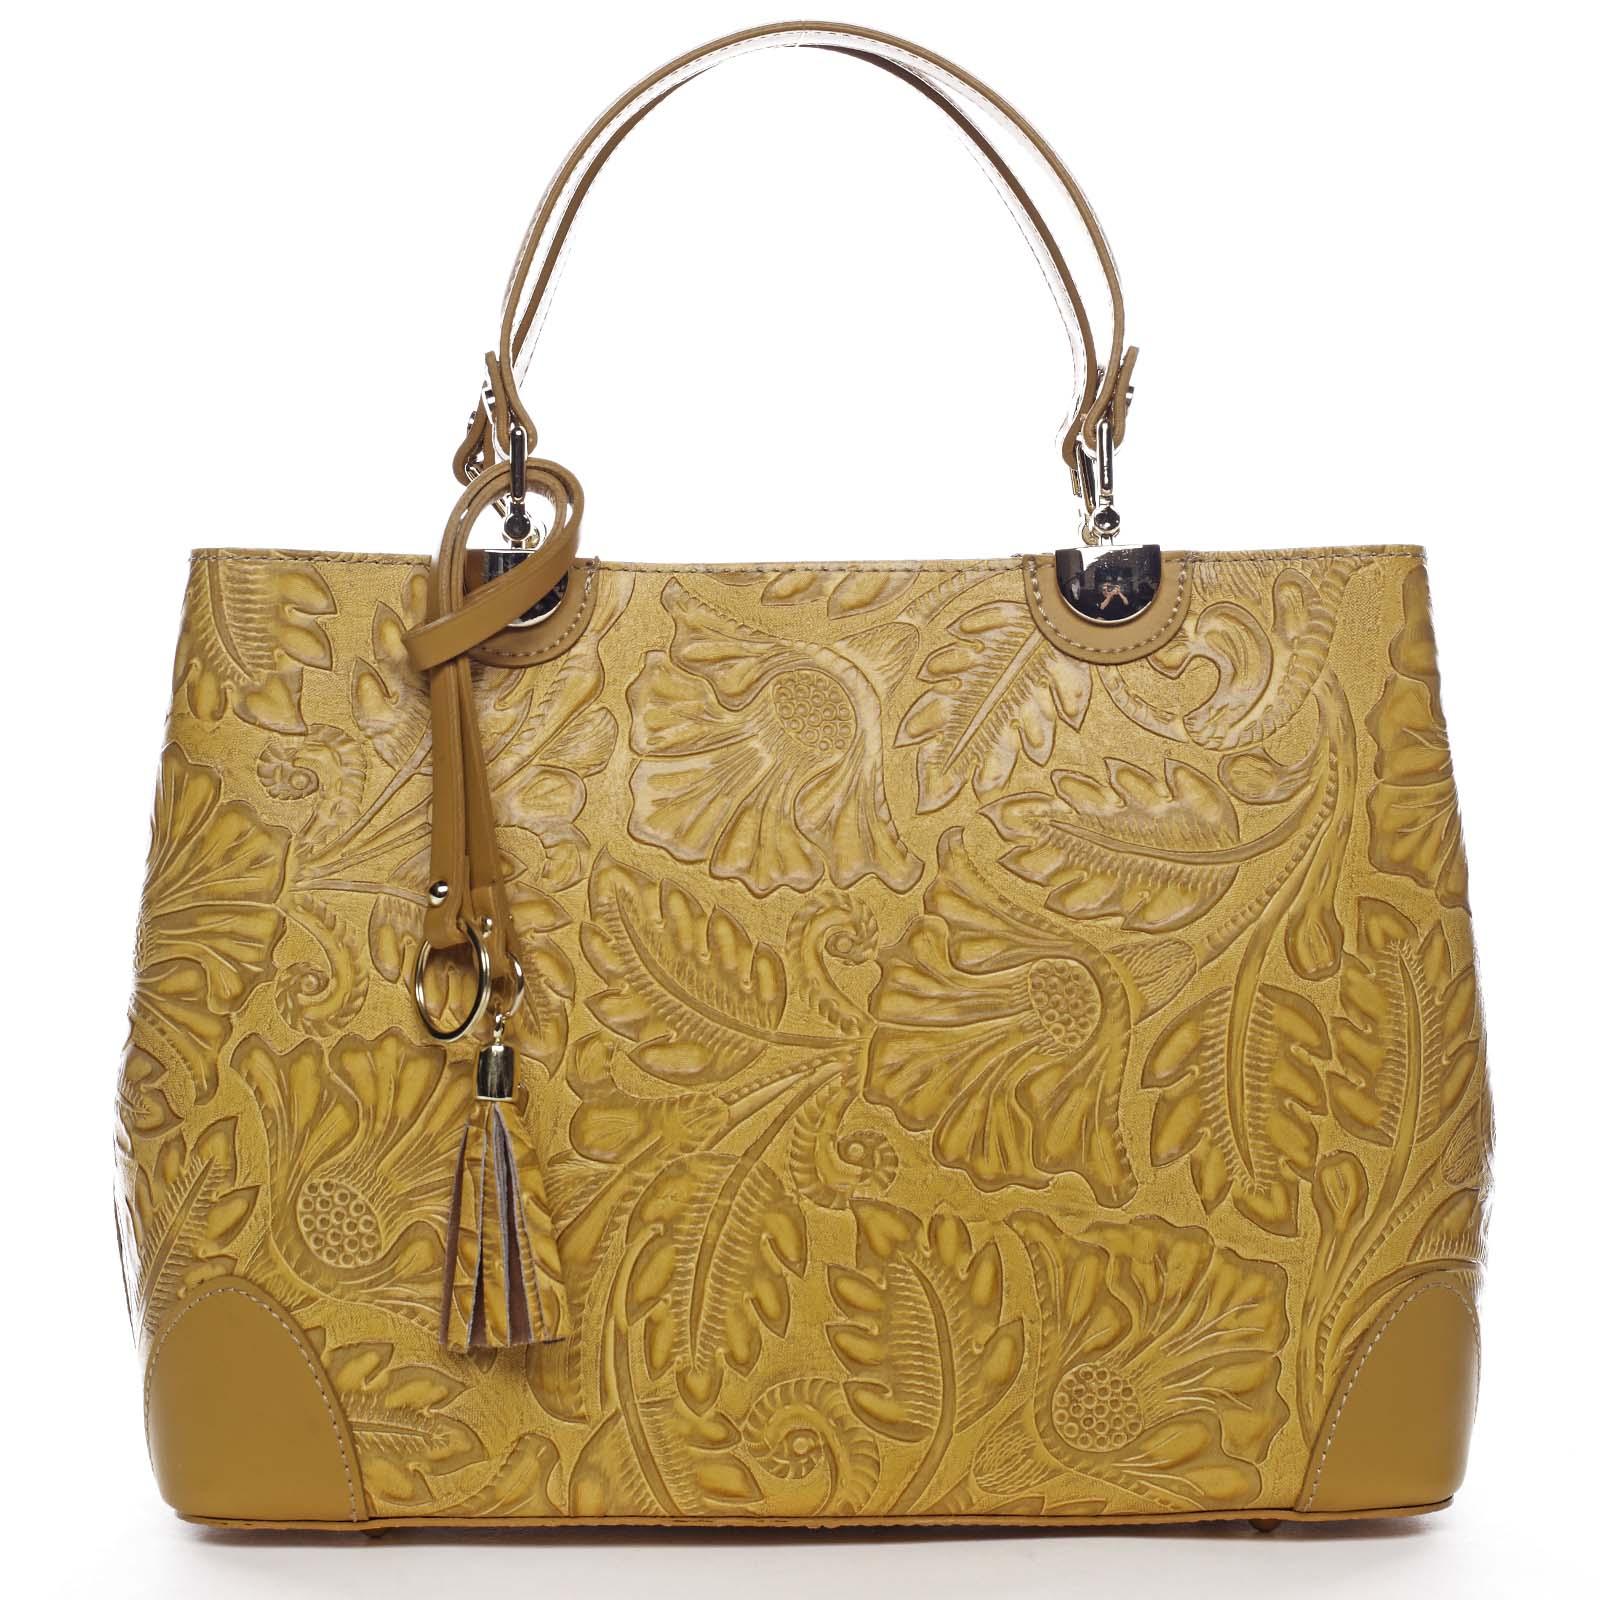 Originálna dámska kožená kabelka tmavo žltá - ItalY Mattie